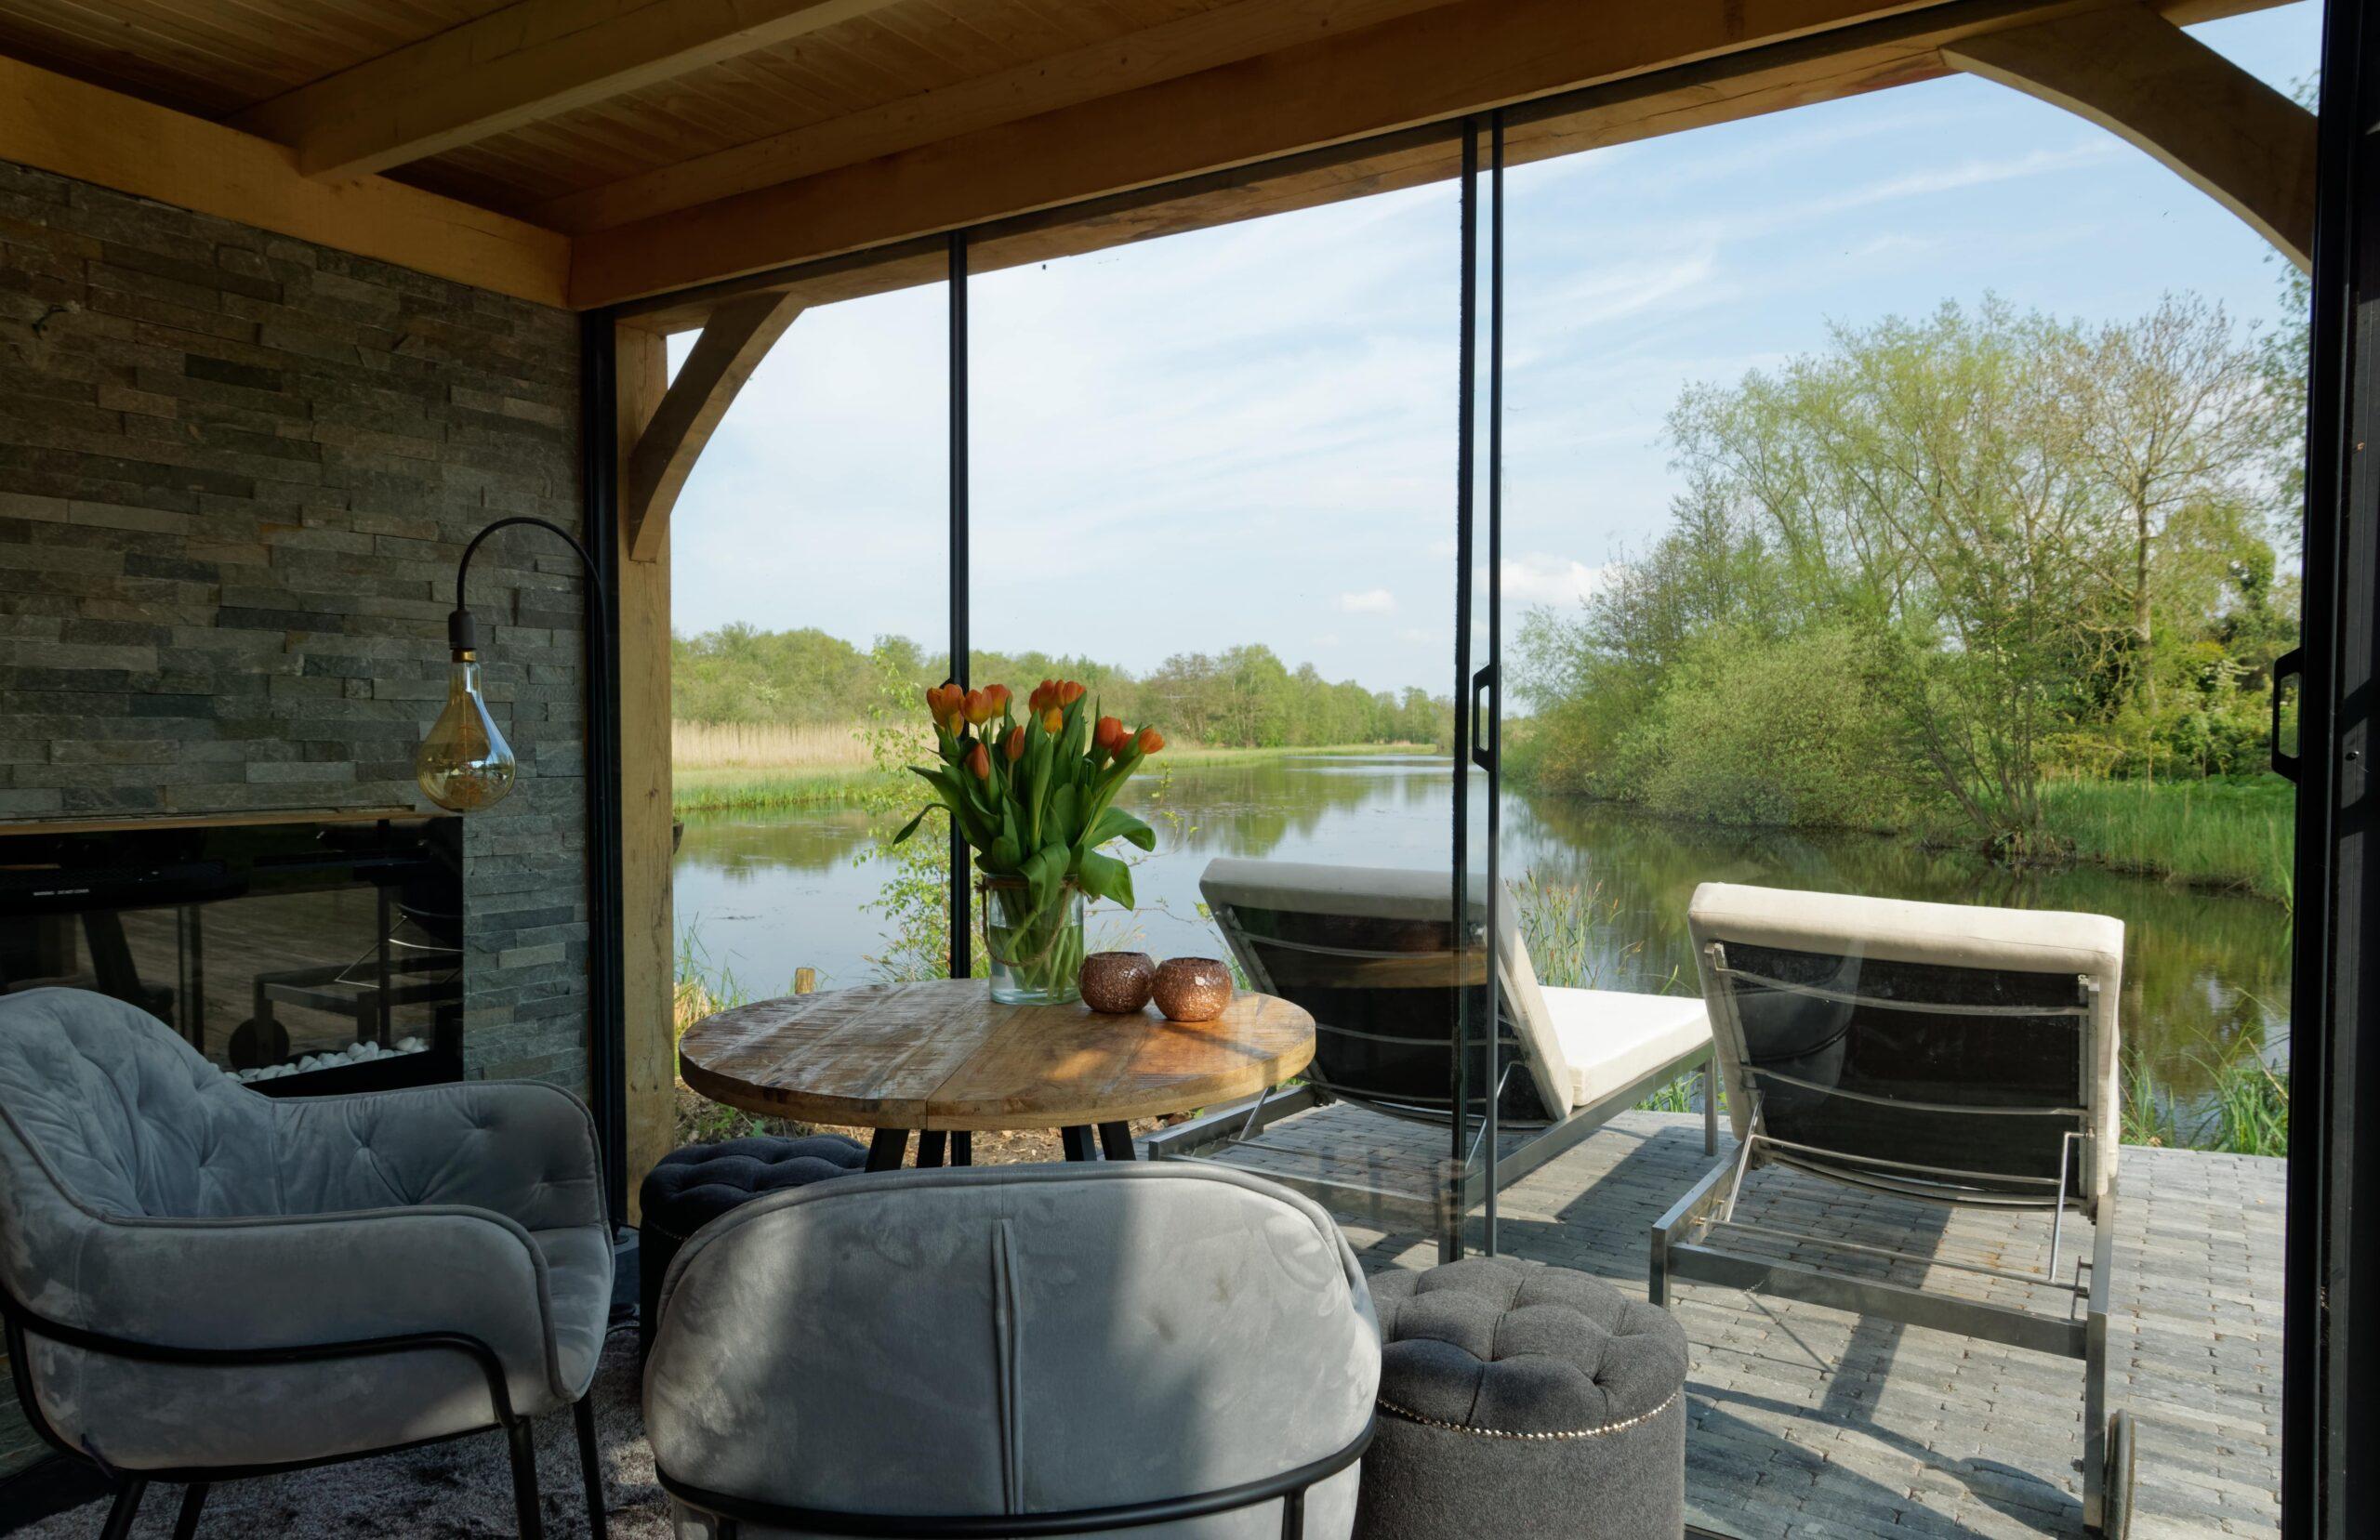 Luxe-tuinkamer-aan-het-water-12-scaled - Project Kortenhoef: Luxe tuinkamer aan het water